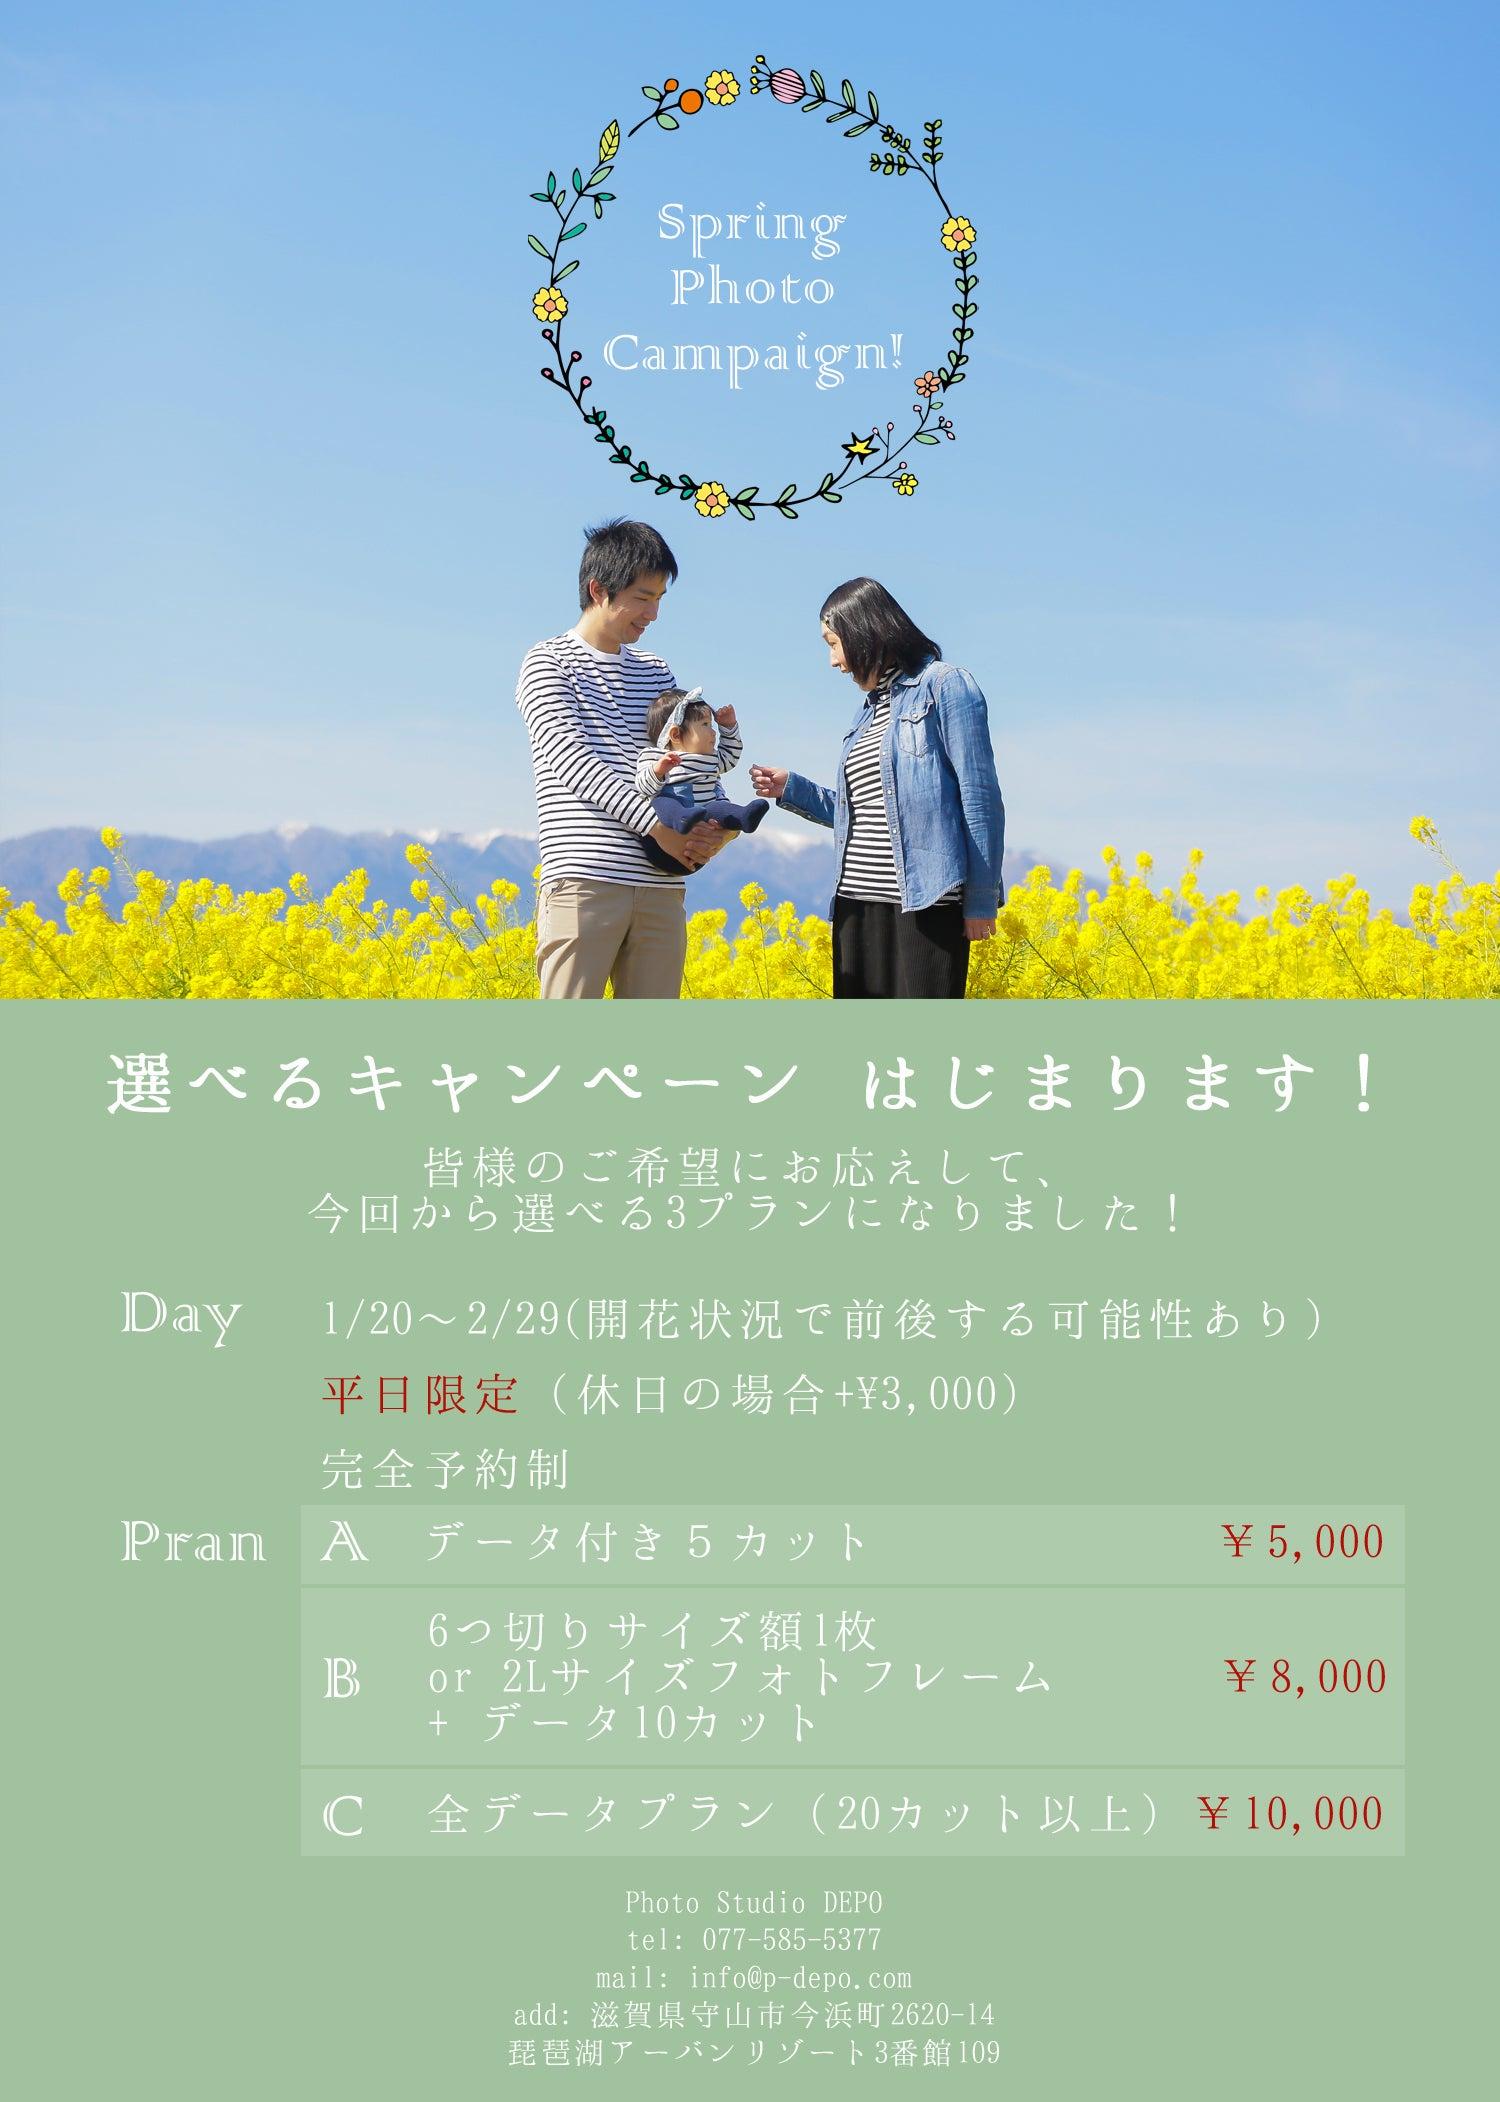 ⭐菜の花フォトキャンペーン始まります⭐